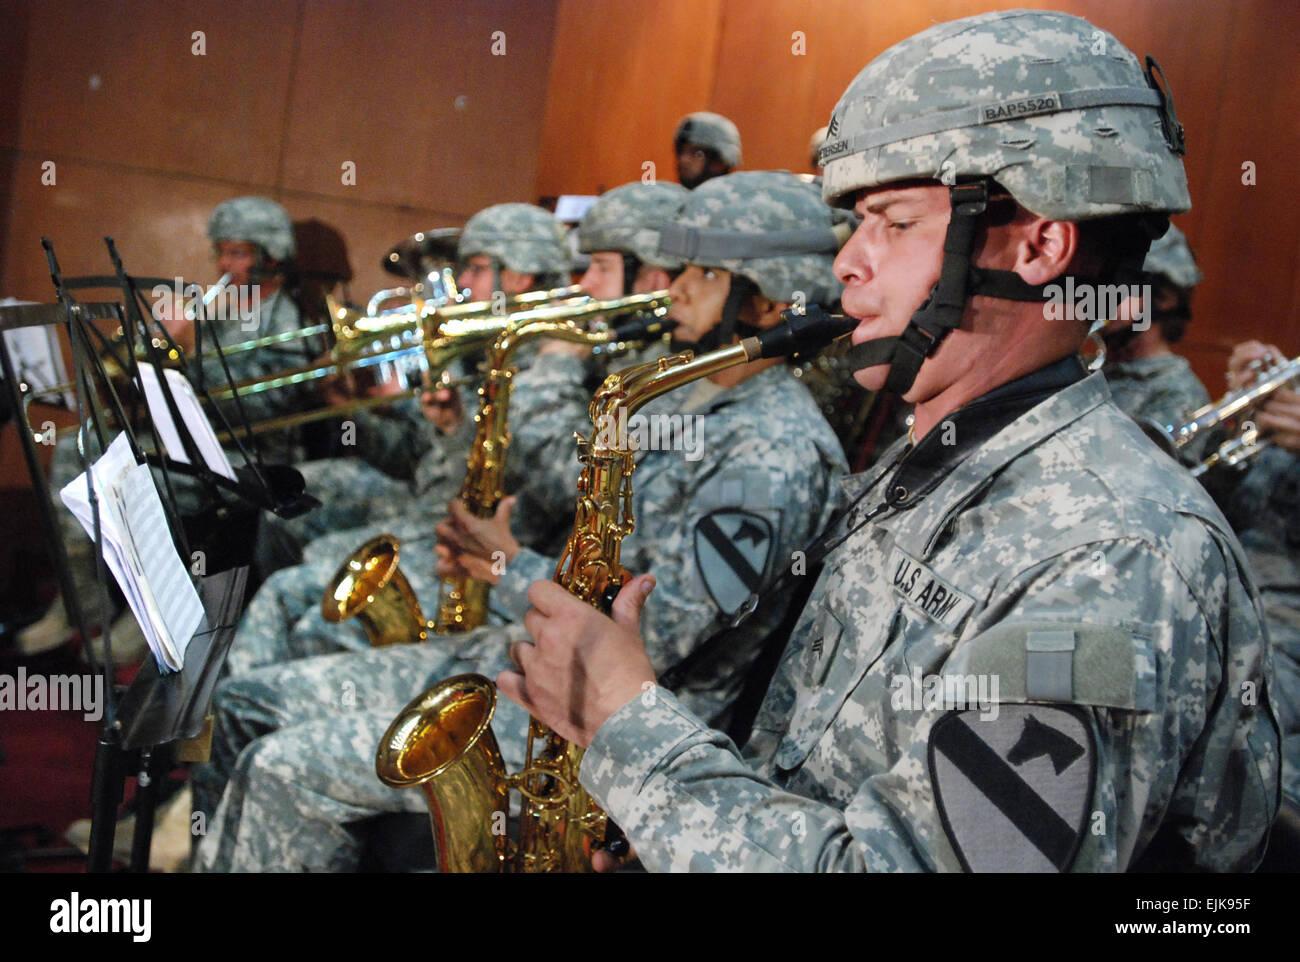 Les soldats de l'Armée américaine à partir de la Division de cavalerie Band effectuer au cours d'une cérémonie de passation de commandement pour Multi-National Security Transition Command - l'Iraq à Bagdad, l'Iraq, le 10 juin 2007. Au cours de l'événement de l'armée américaine le général Martin E. Dempsey a quitté le commandement de l'armée américaine le général James M. Dubik. Le s.. Curt Cashour Banque D'Images